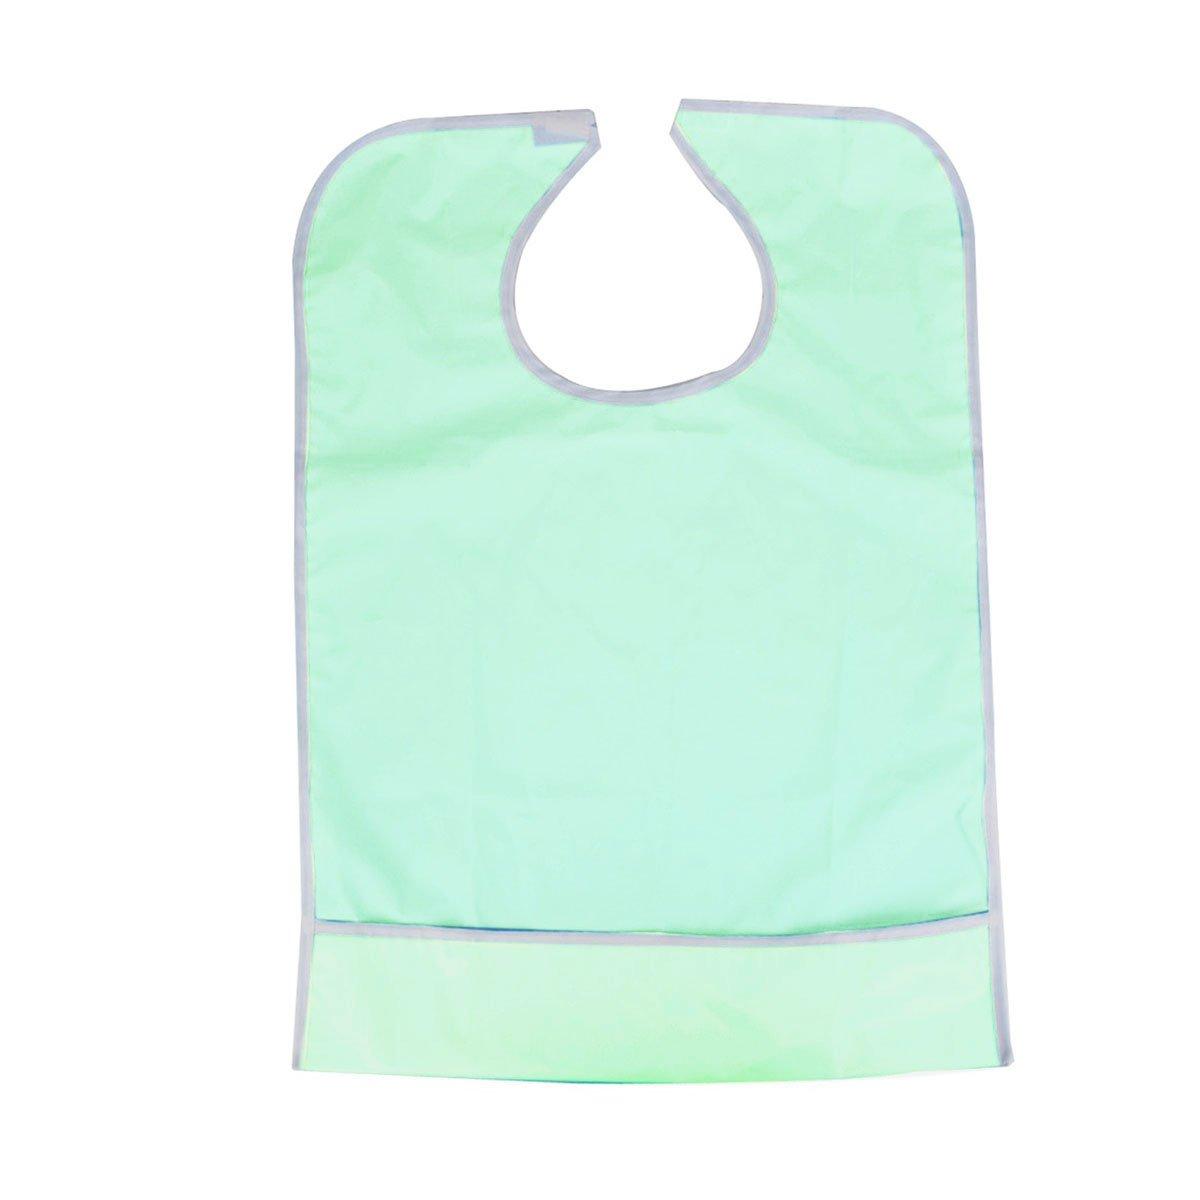 Pixnor impermeabile adulti Mealtime Bib Abbigliamento Schermo (Verde chiaro)